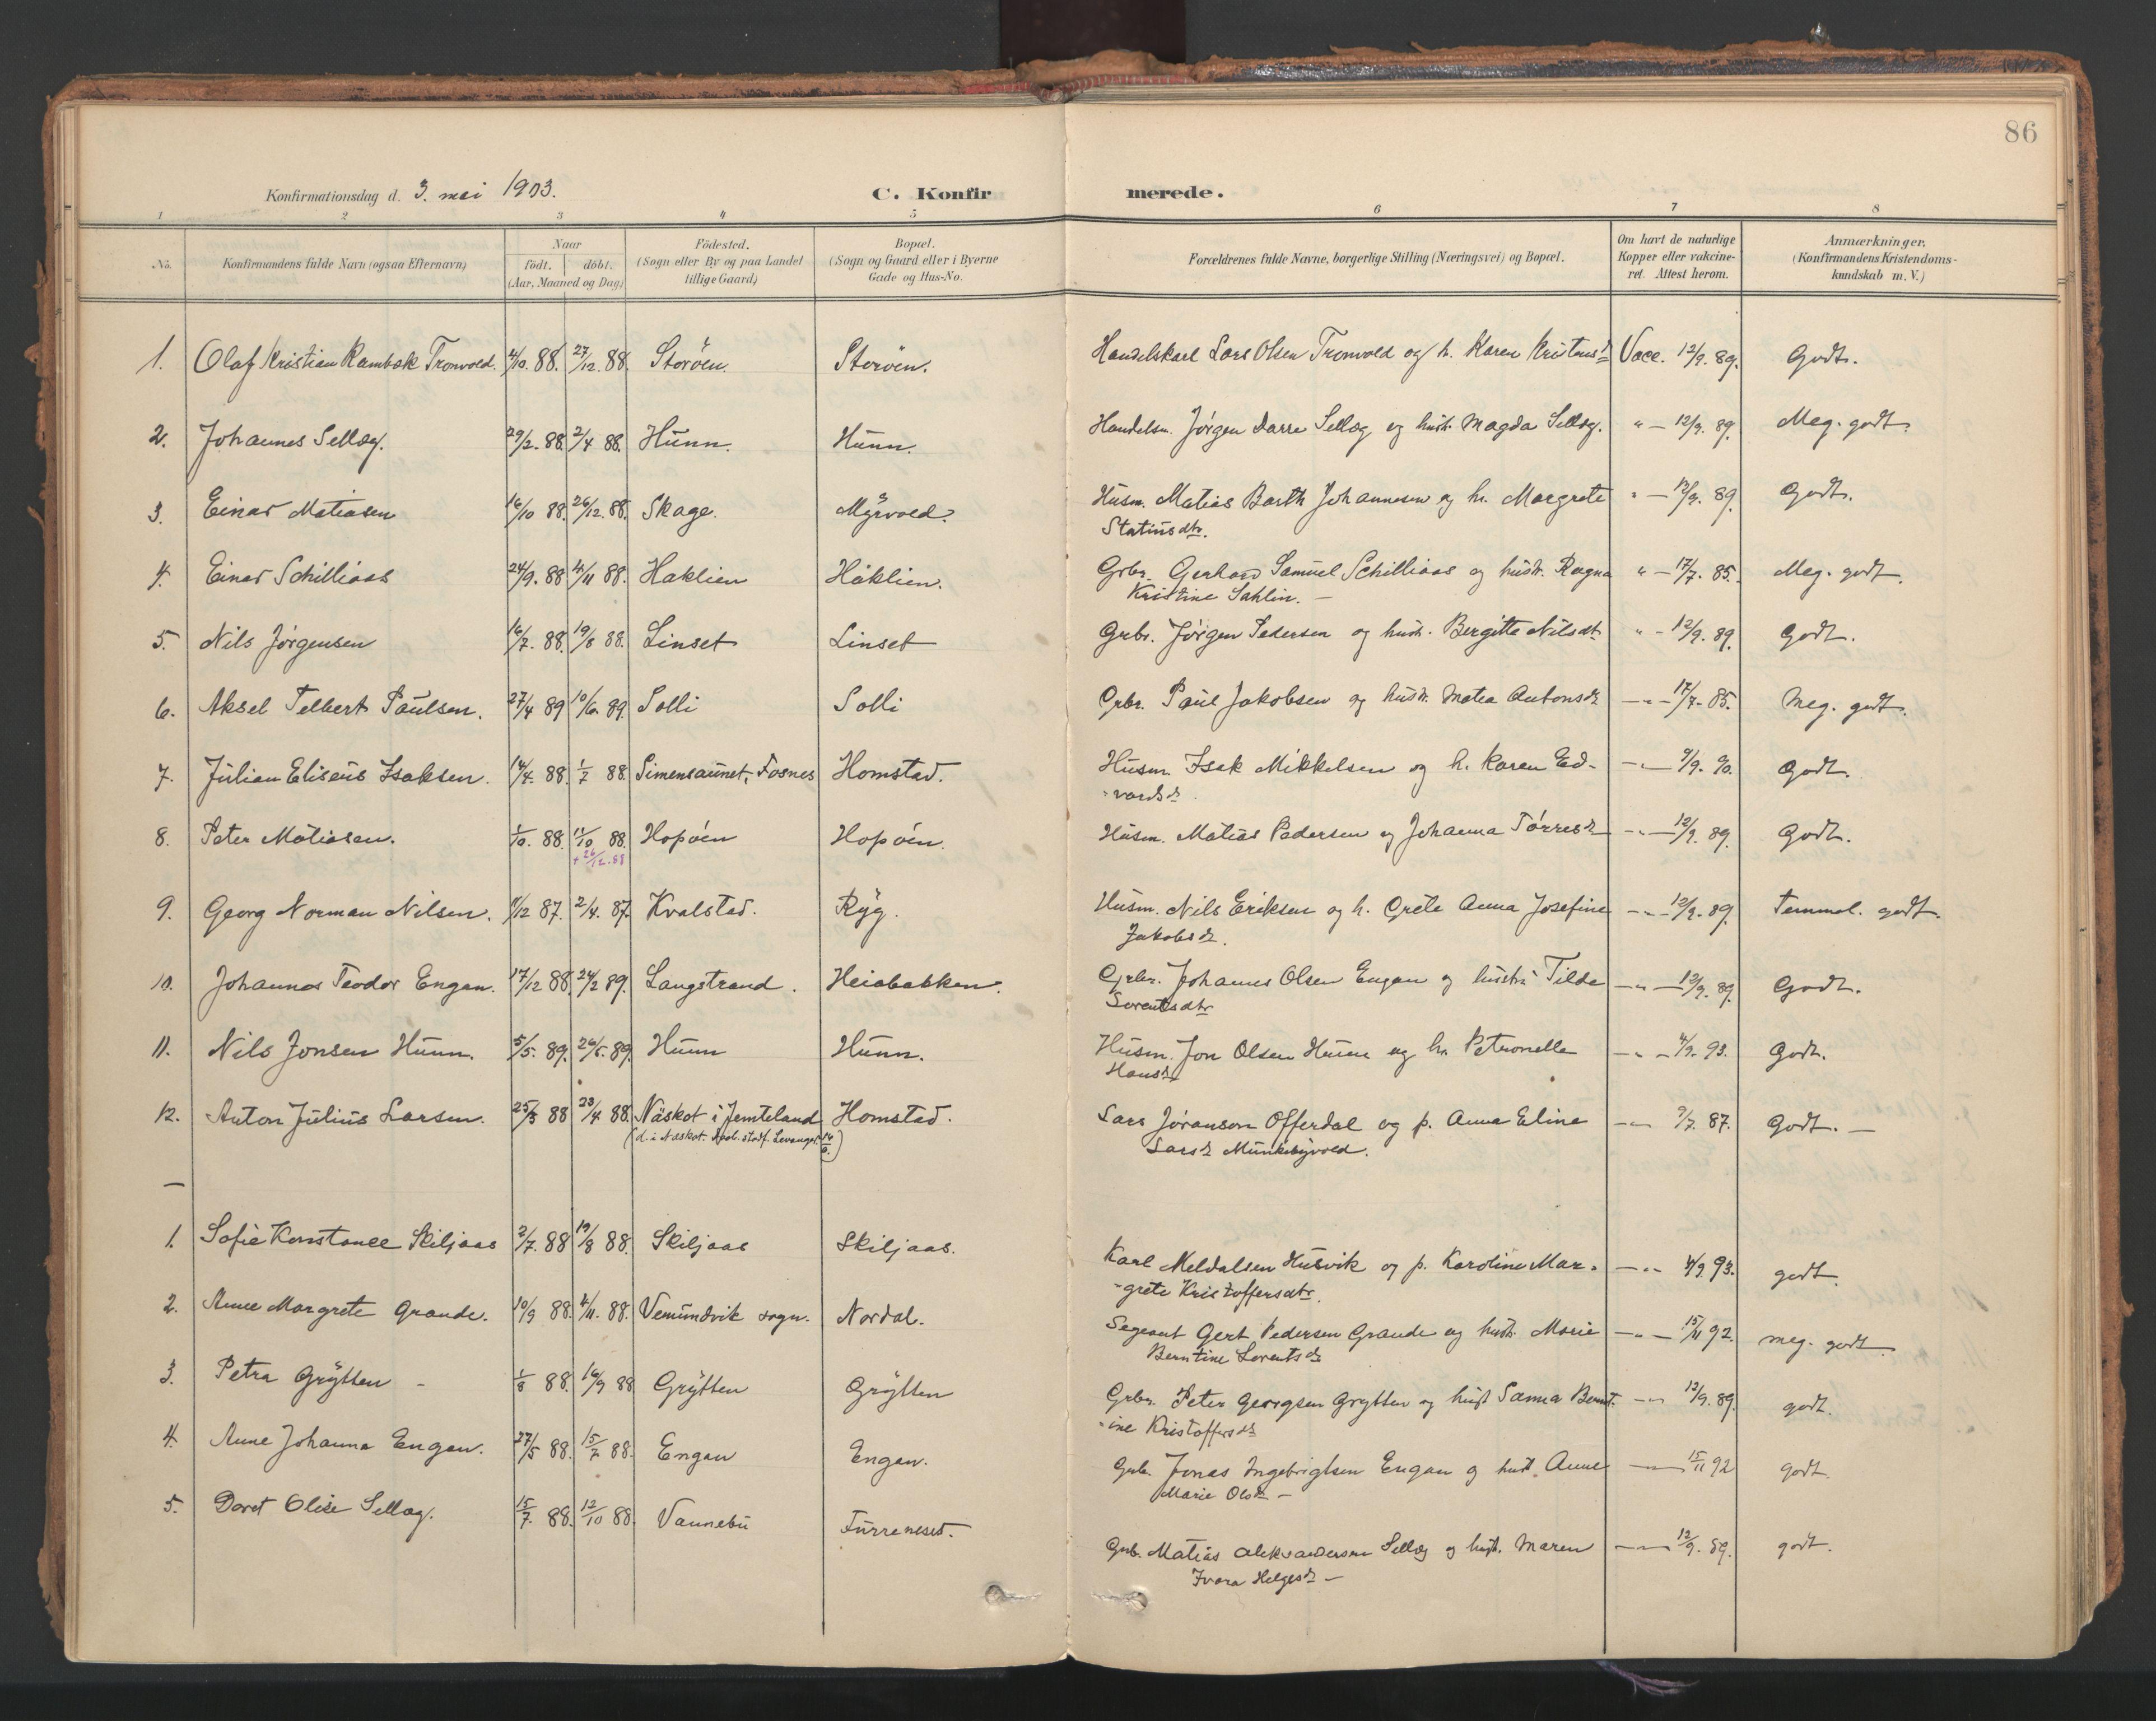 SAT, Ministerialprotokoller, klokkerbøker og fødselsregistre - Nord-Trøndelag, 766/L0564: Ministerialbok nr. 767A02, 1900-1932, s. 86